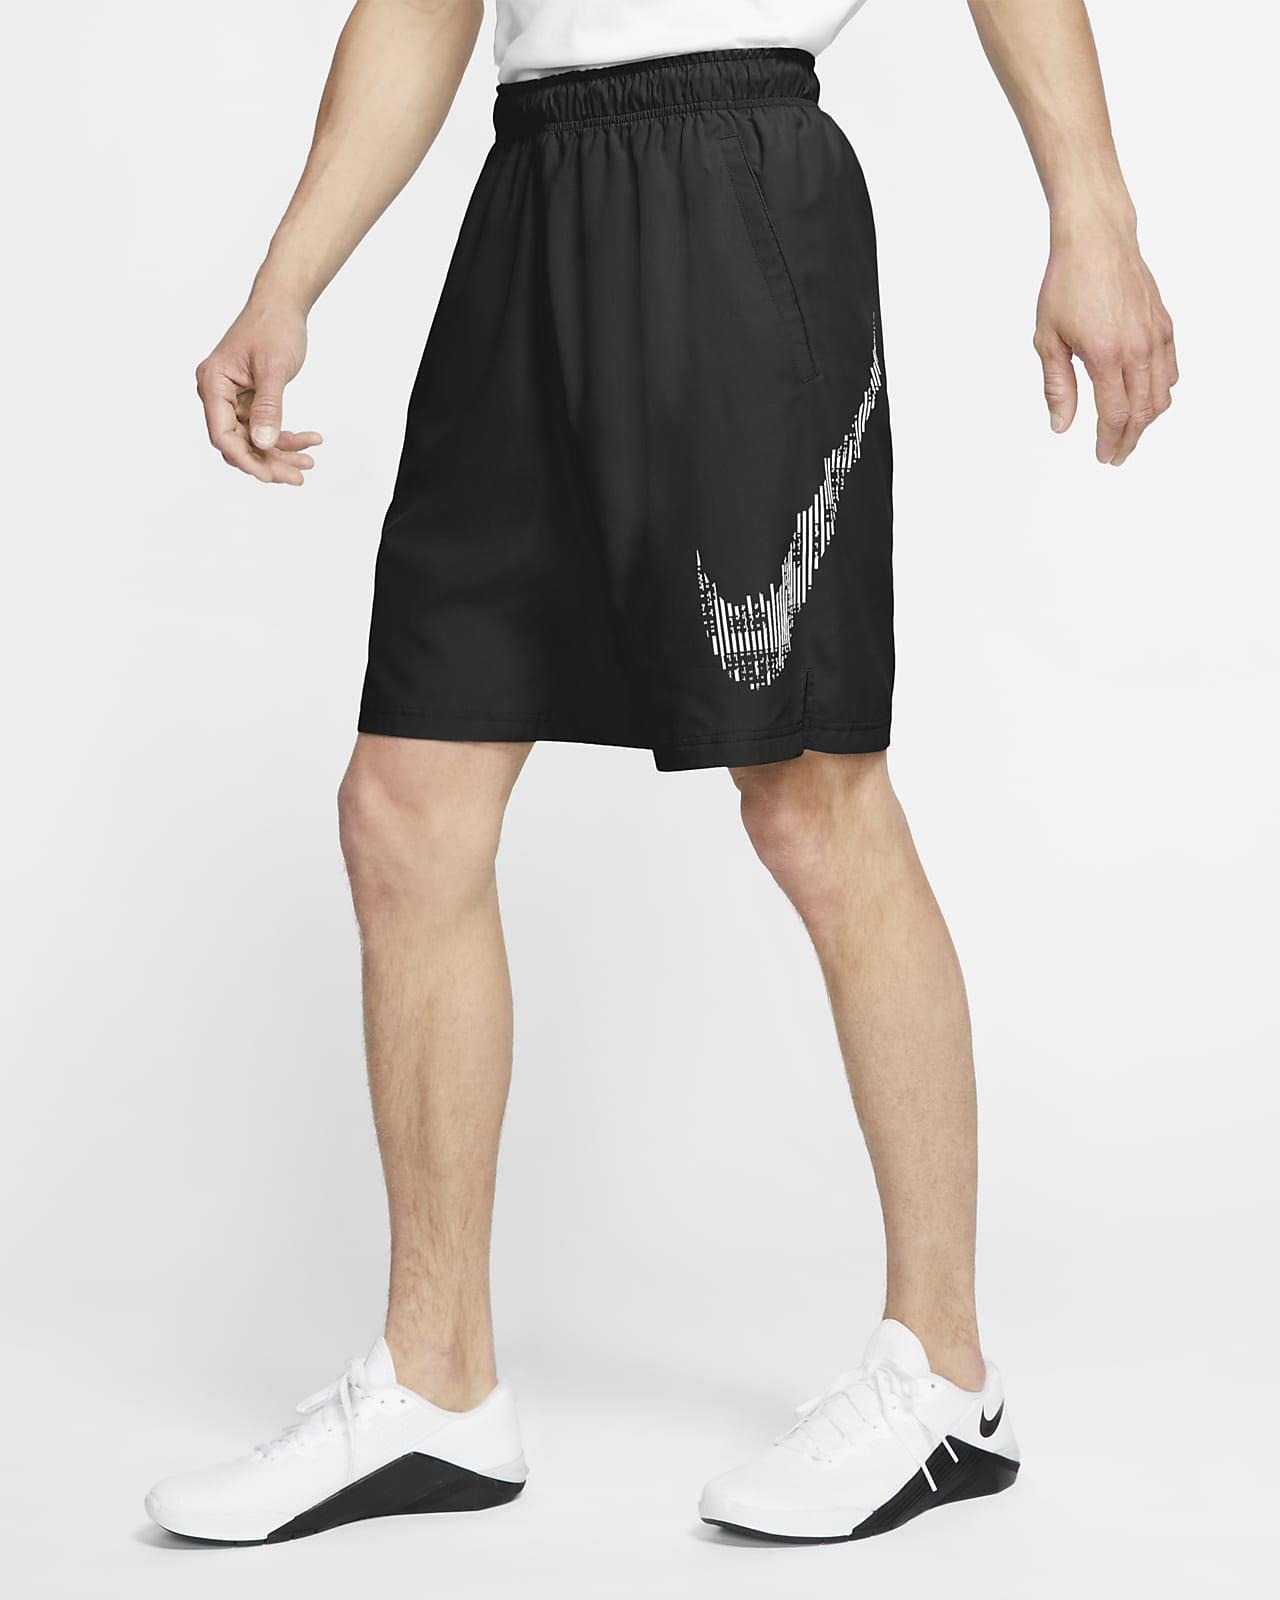 Nike Flex Pantalón corto de entrenamiento con estampado - Hombre